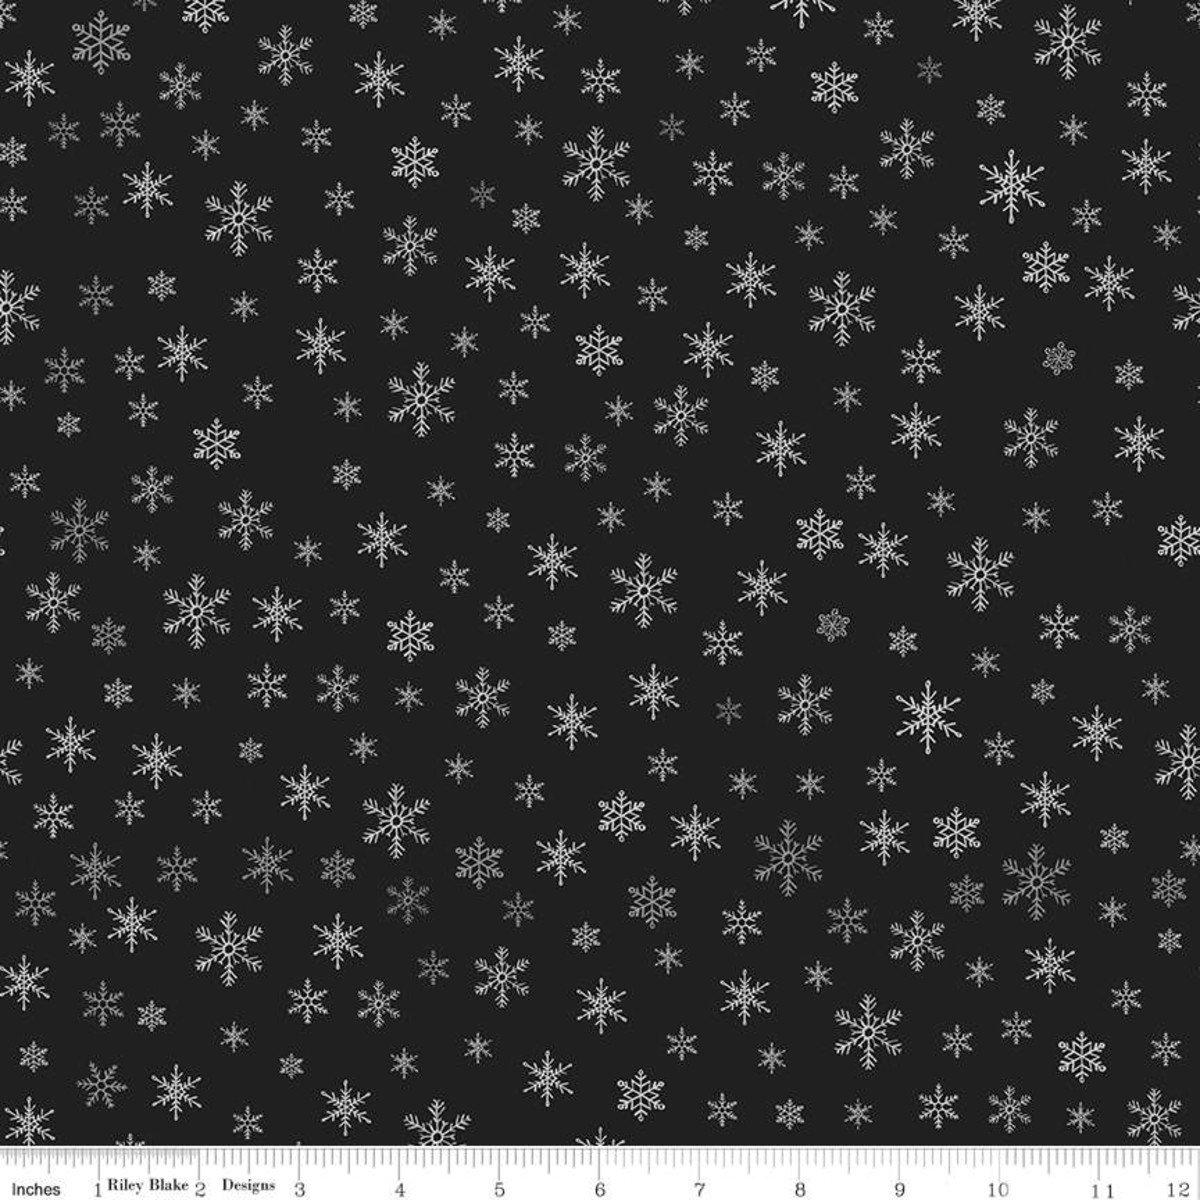 Farmhouse Christmas Snowflakes BLACK